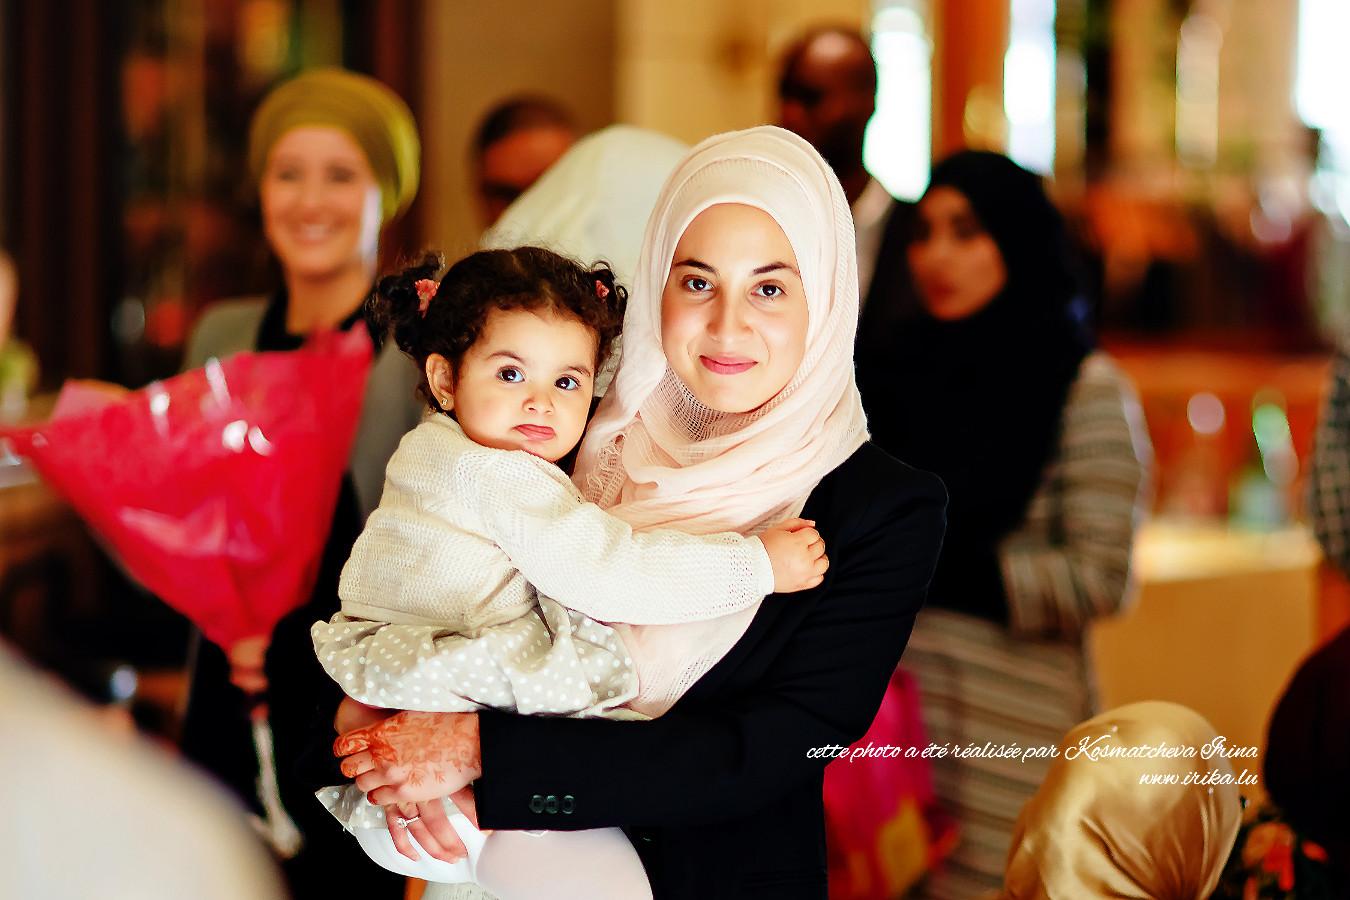 Une autre photo d'une mère et sa fille